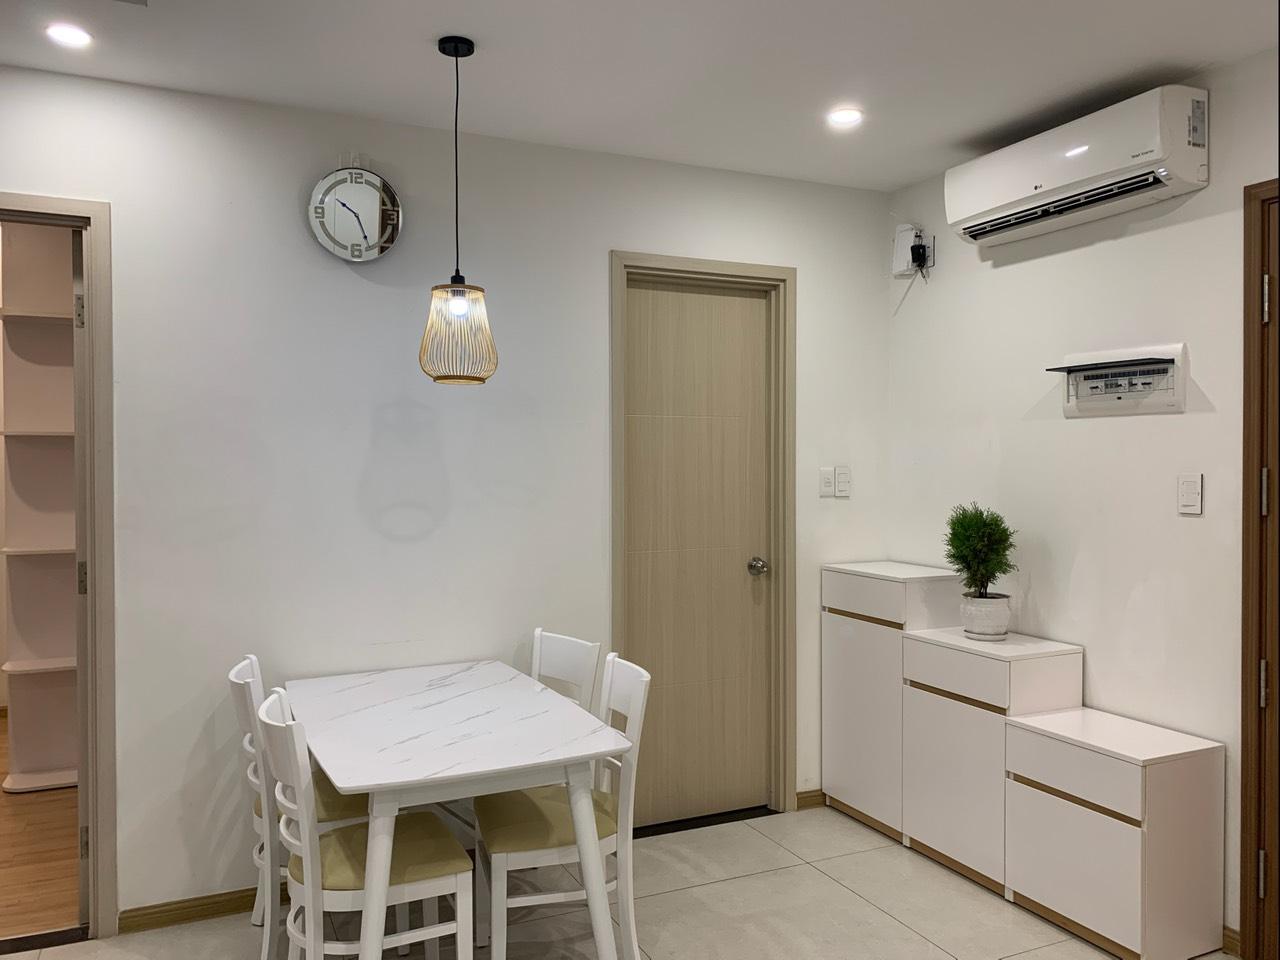 Cho thuê 2 phòng ngủ New City Thủ Thiêm - ID 010162